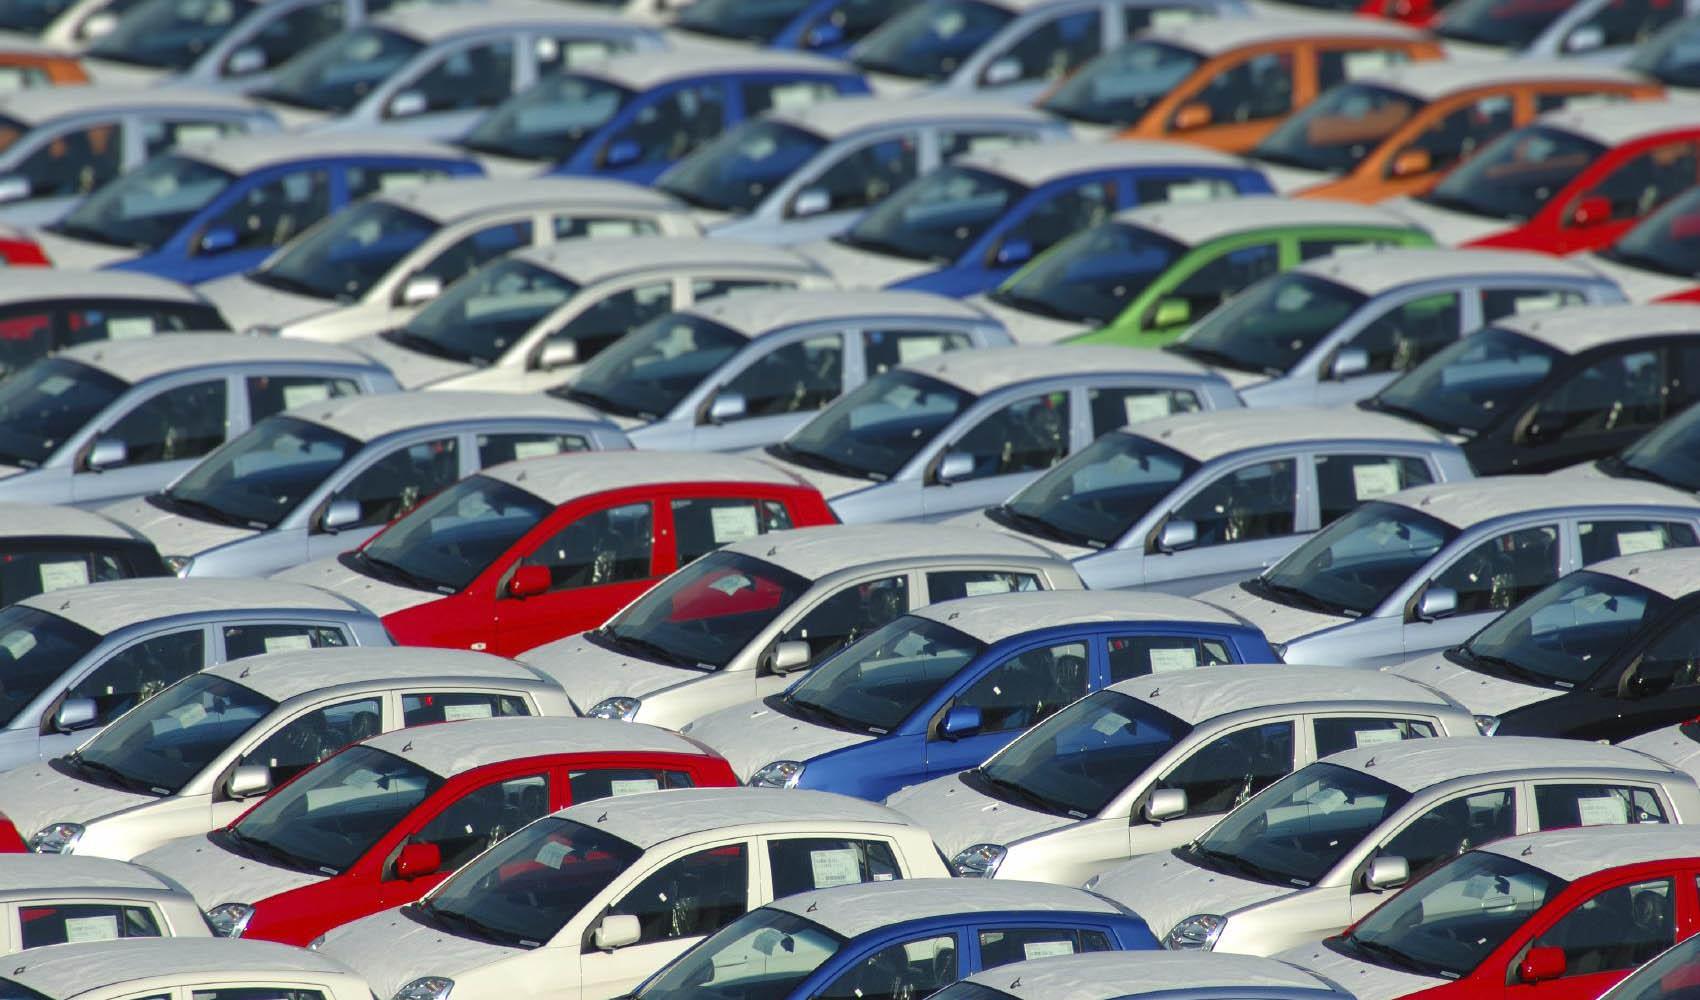 تصویب پکیج ساماندهی بازار خودرو از سوی ستاد اقتصاد مقاومتی